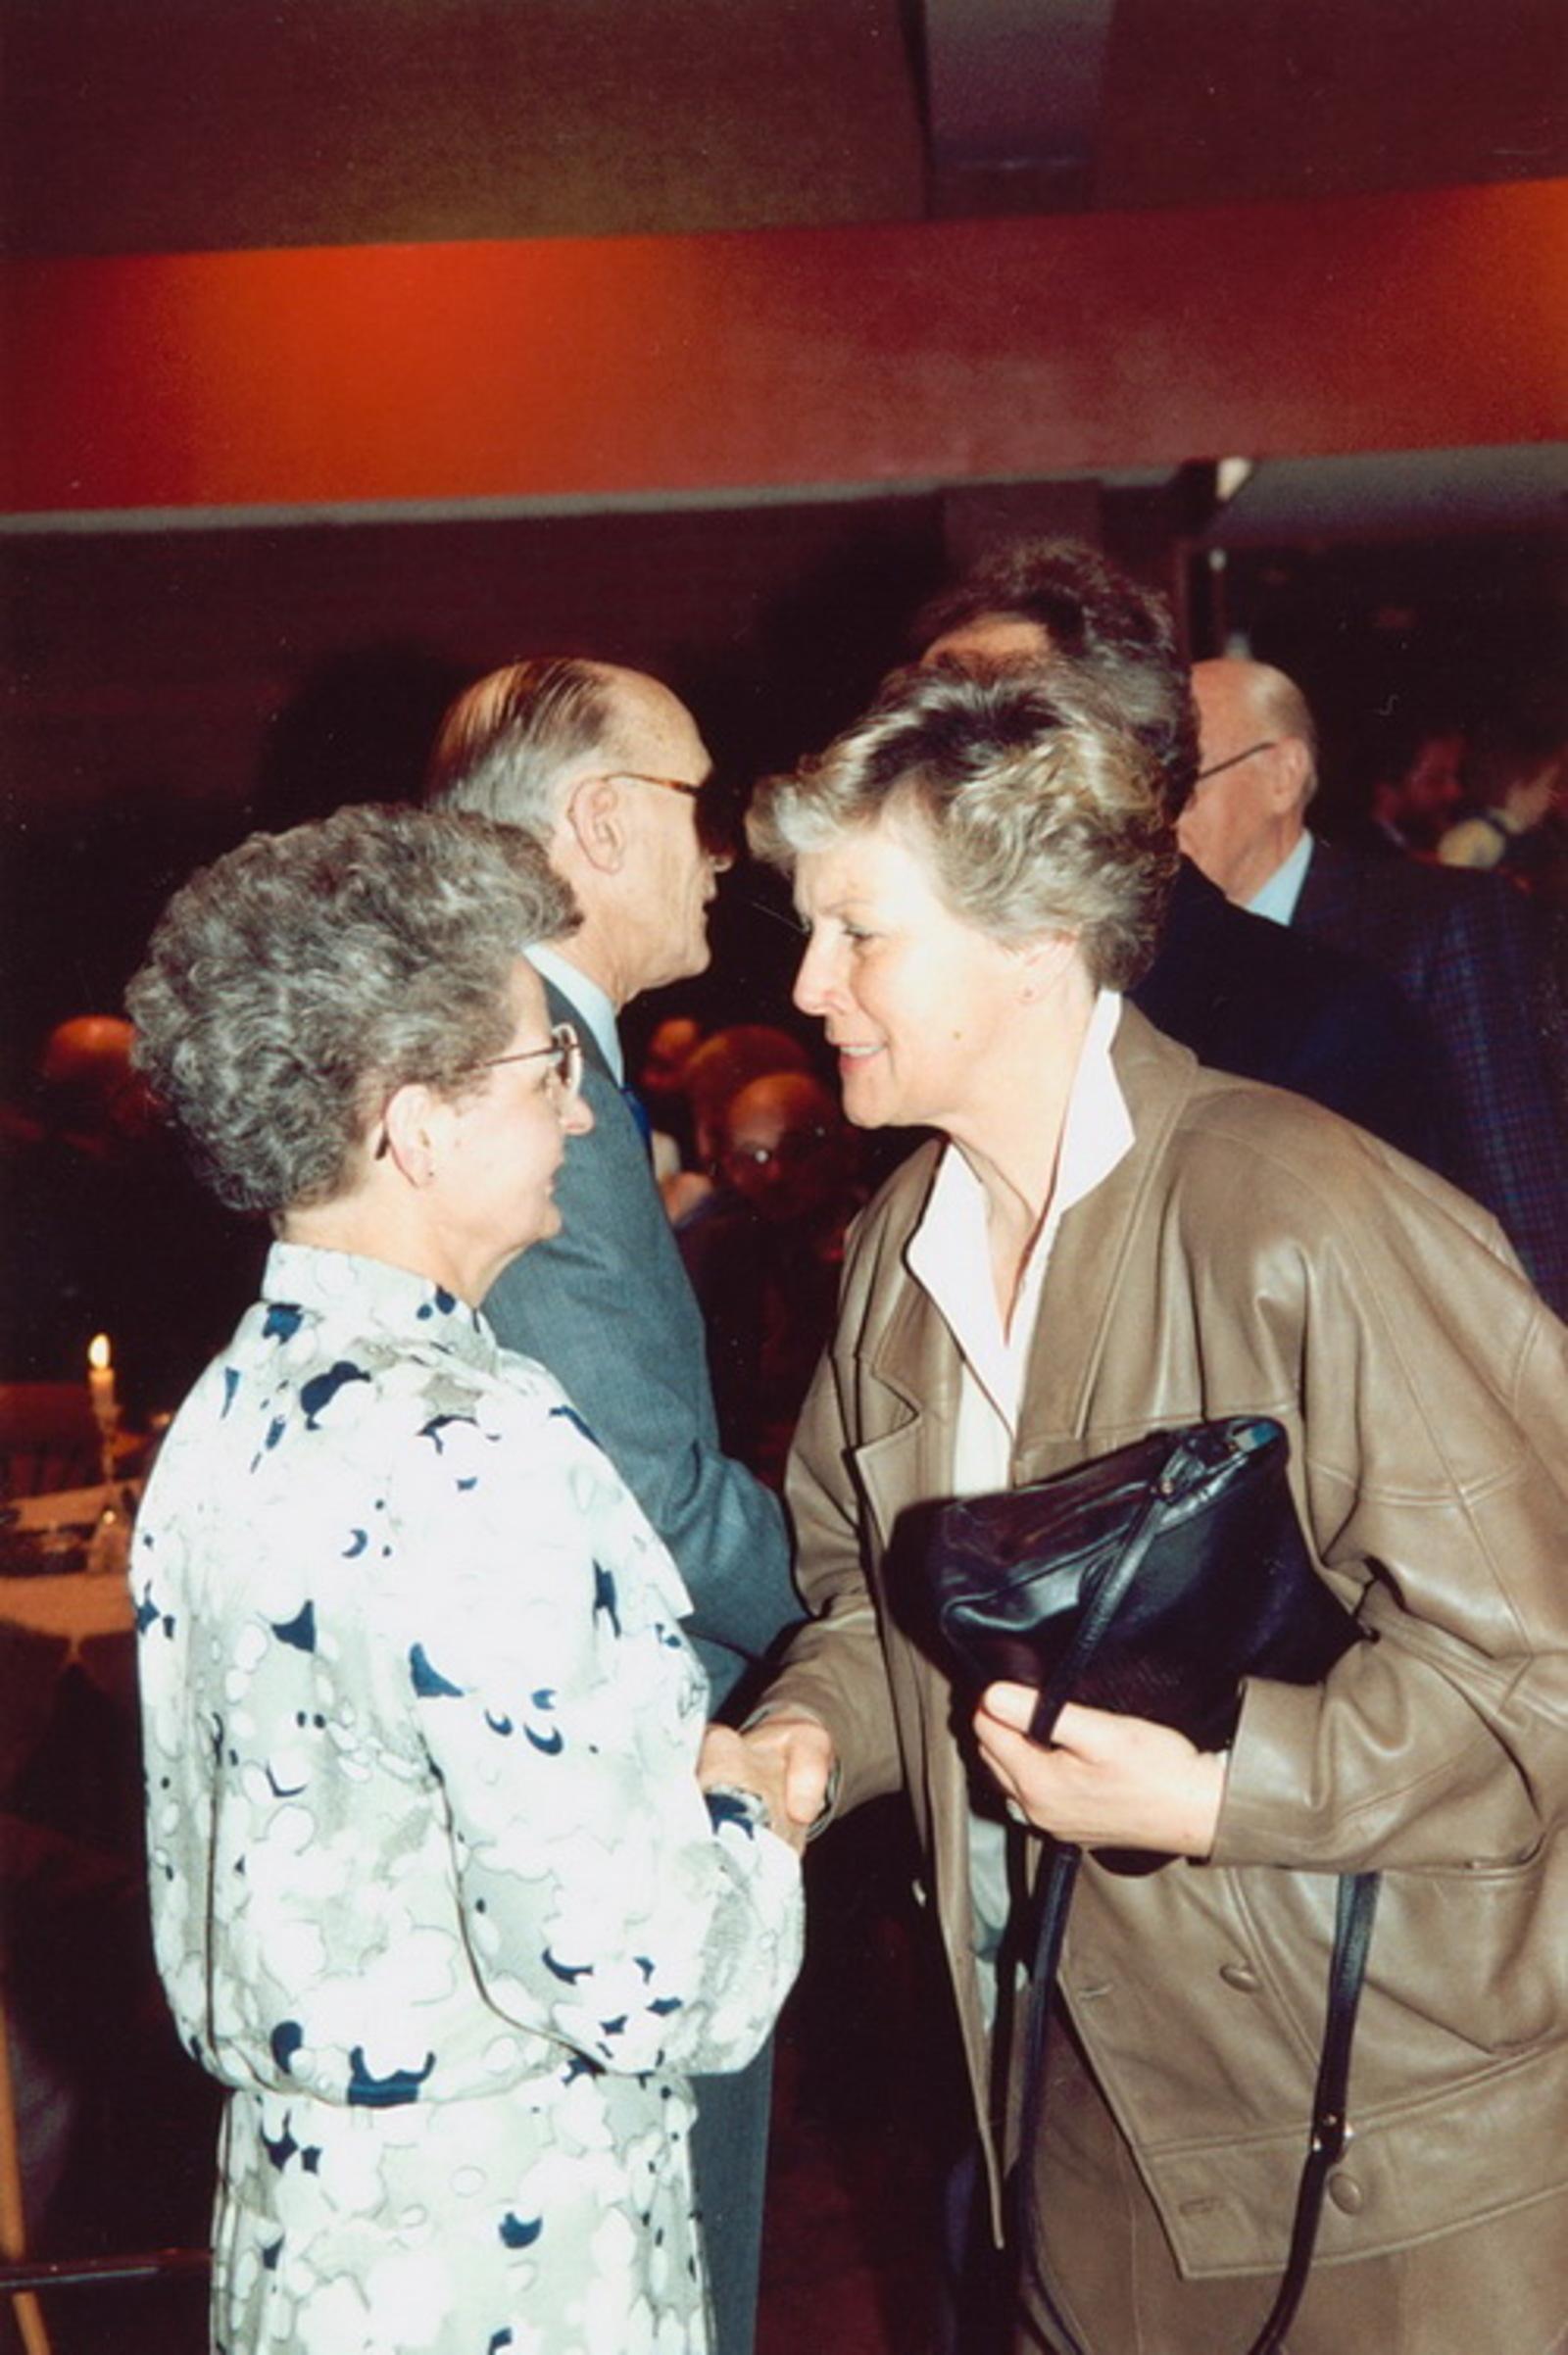 Marktlaan O 0022 1988 Sigarenboer Kraak 50jr Jub en Sluiting 45